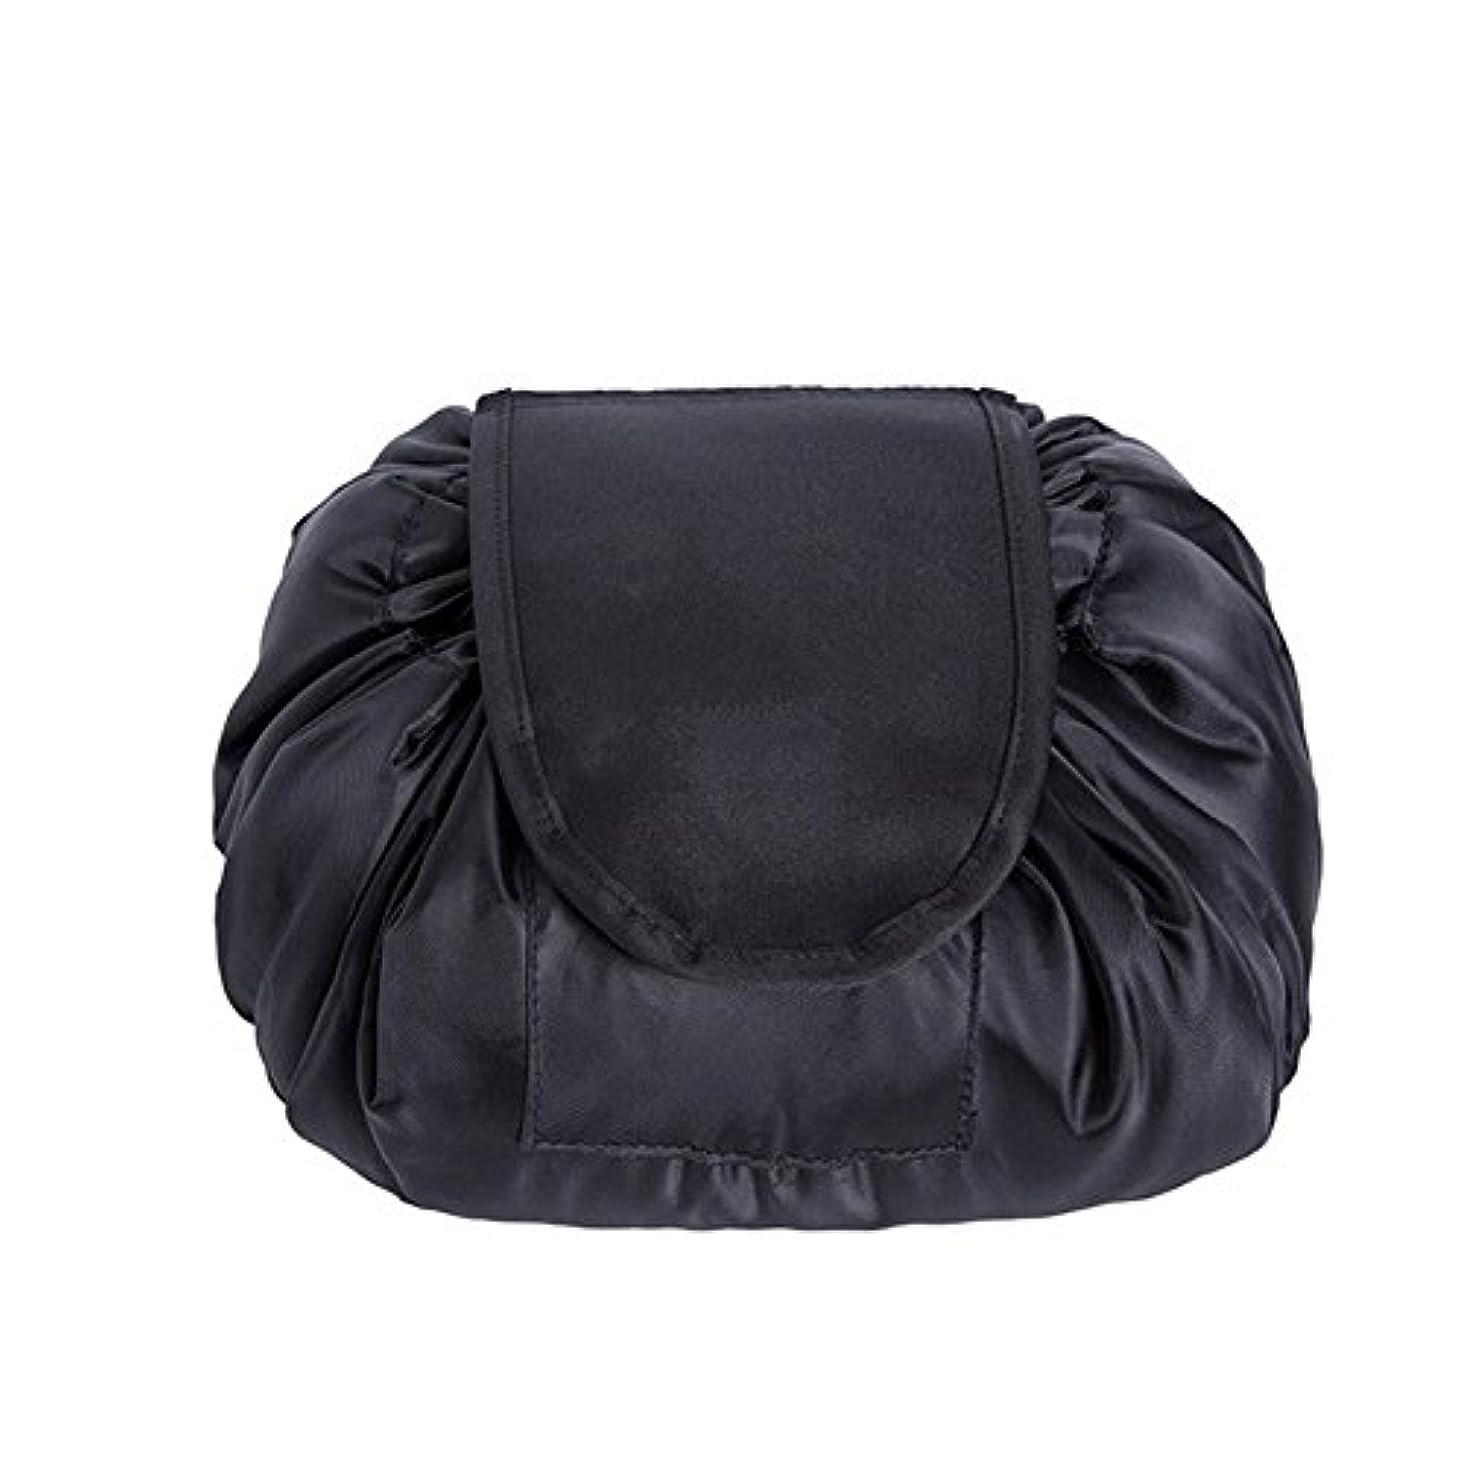 逸話拡張対話SimonJp メイクポーチ 化粧ポーチ 化粧品収納 収納ポーチ 多機能 大容量 巾着袋 防水 携帯 軽量 旅行 便利 ブラック